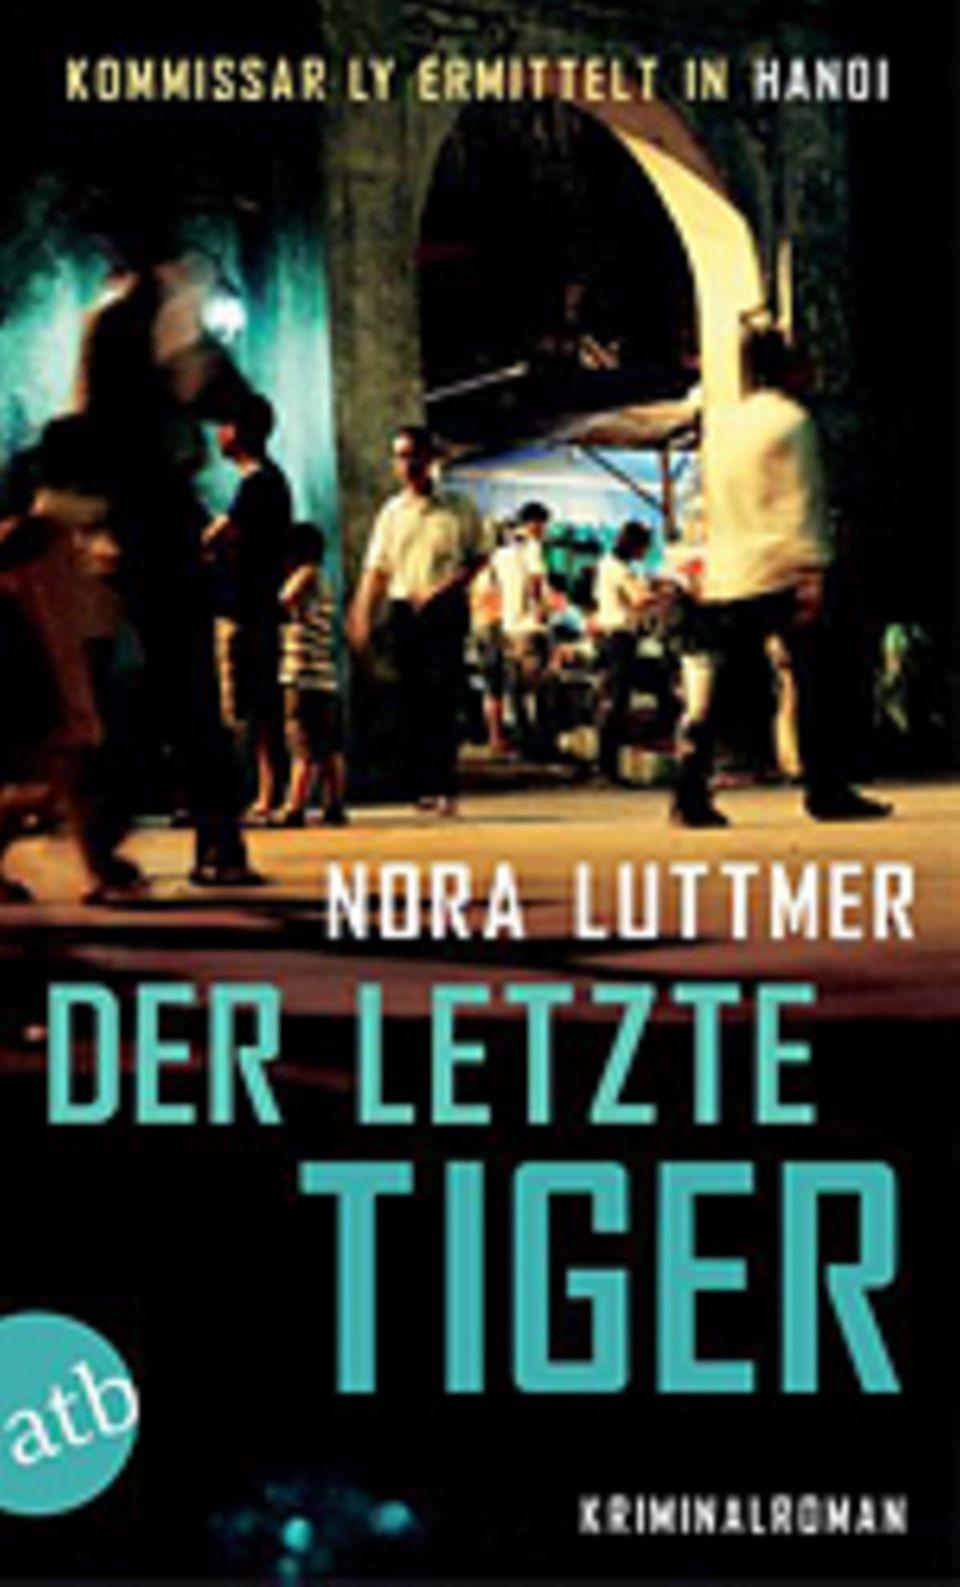 Illegaler Tierhandel: Nora Luttmer Der letzte Tiger Aufbau Verlag 2013 275 Seiten, 9,99 Euro